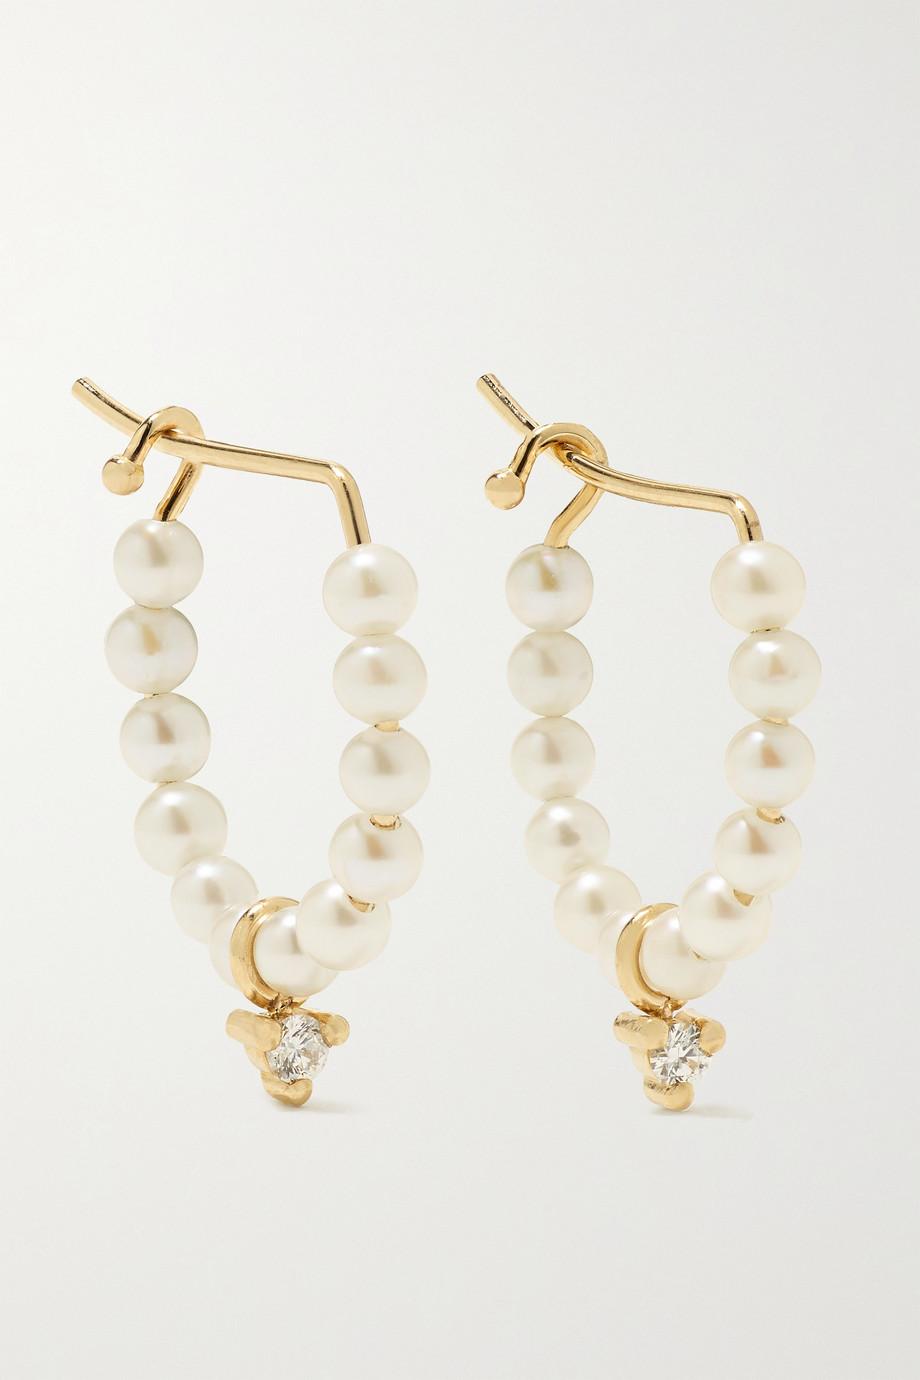 Mizuki Boucles d'oreilles en or 14 carats, perles et diamants